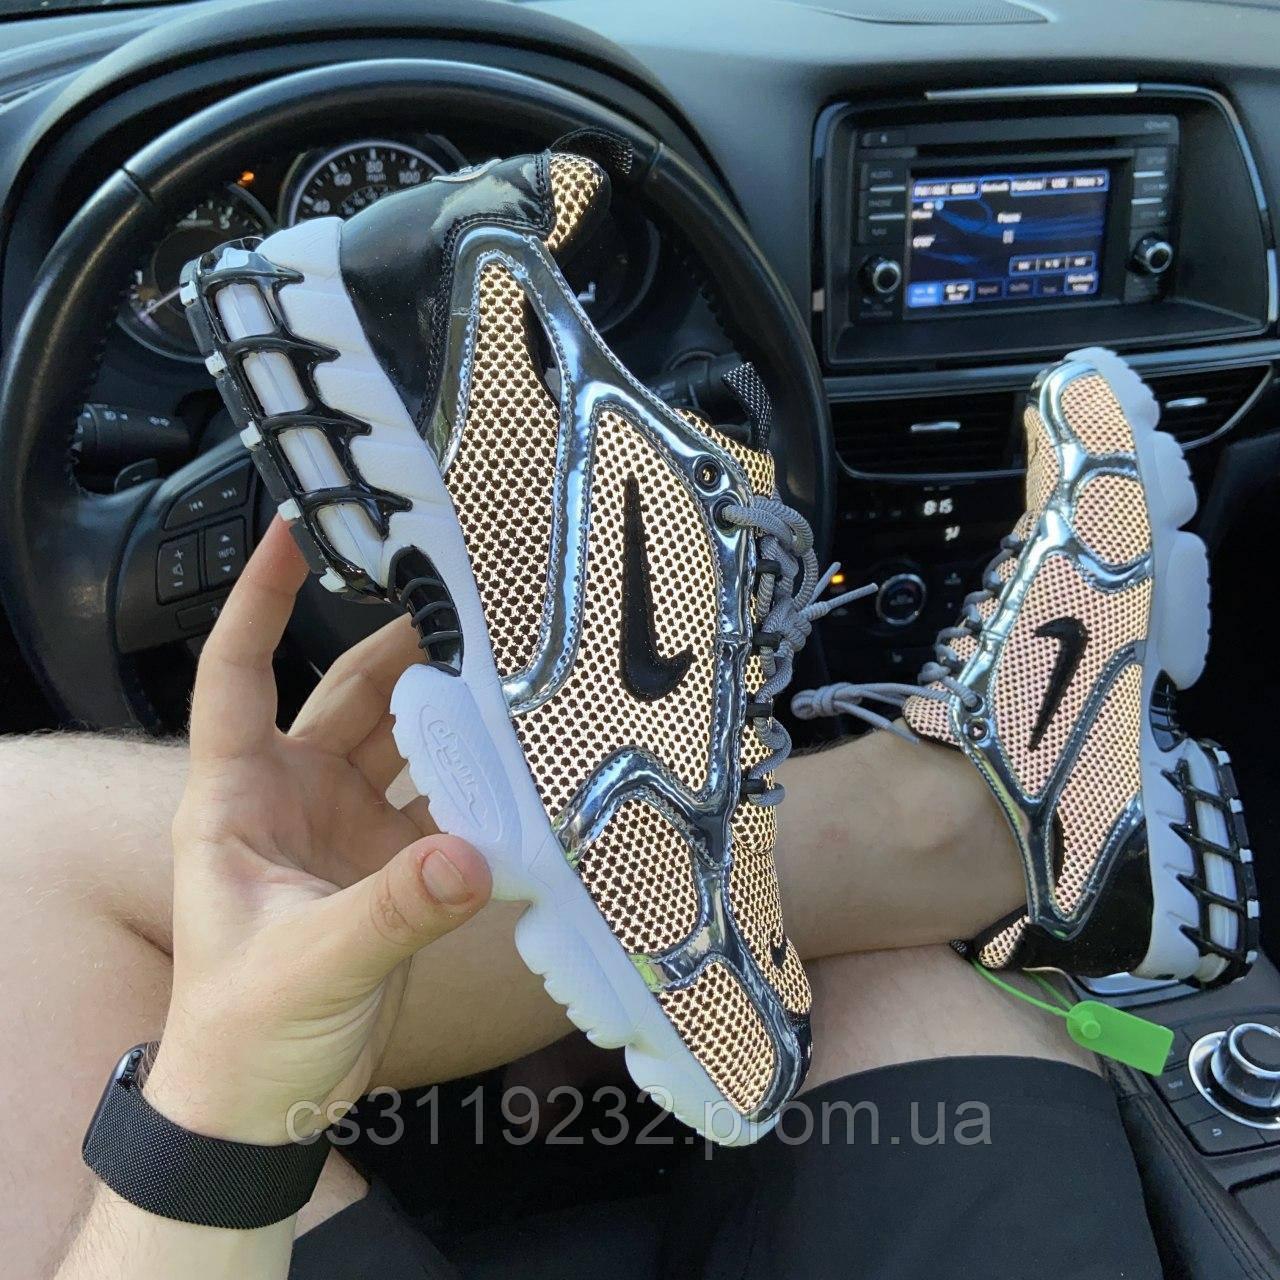 Чоловічі кросівки Nike Air Zoom Spiridon Cage 2 Stussy Pure Platinum (чорний/срібло)